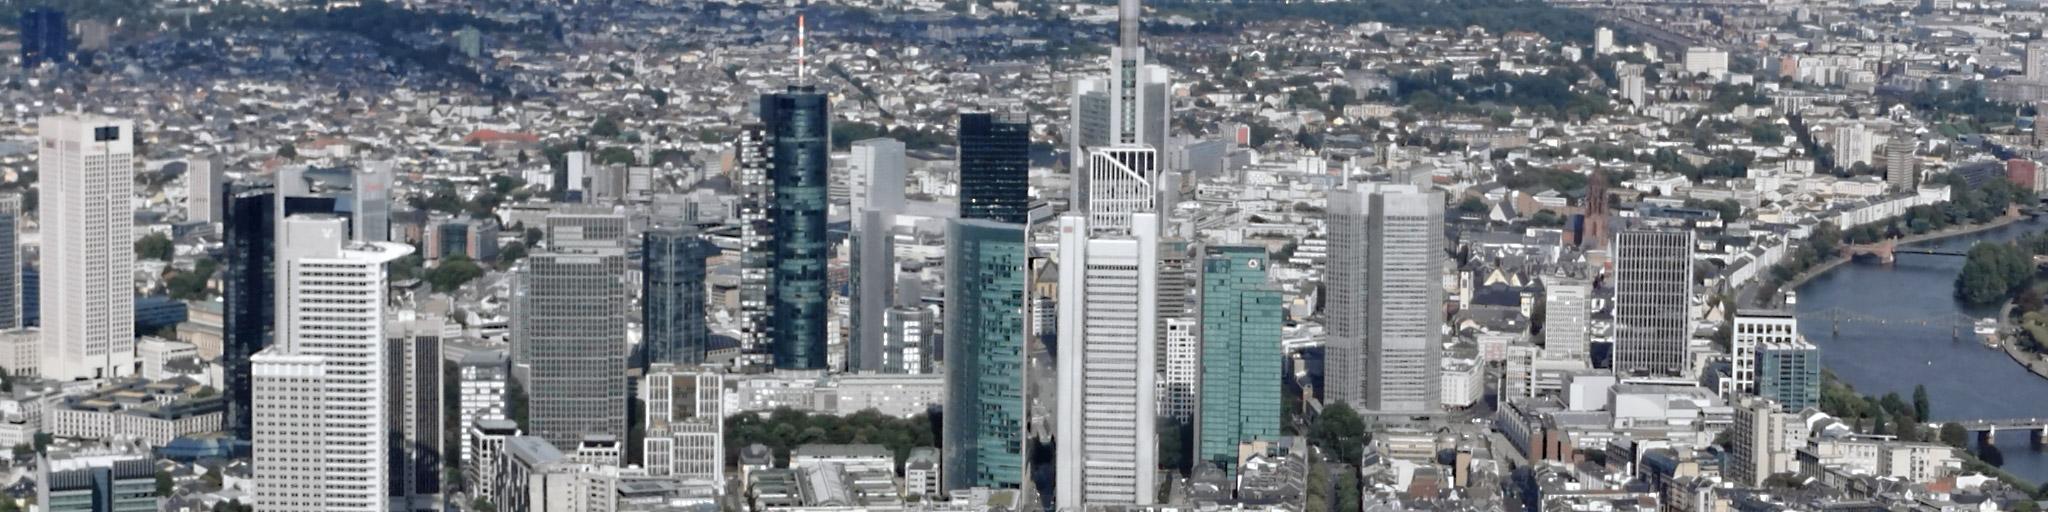 Bankenviertel Frankfurt am Main - Frankfurt CBD - Panorama Bild Bankenviertel - Bankentürme Panorama - Finanzviertel FFM